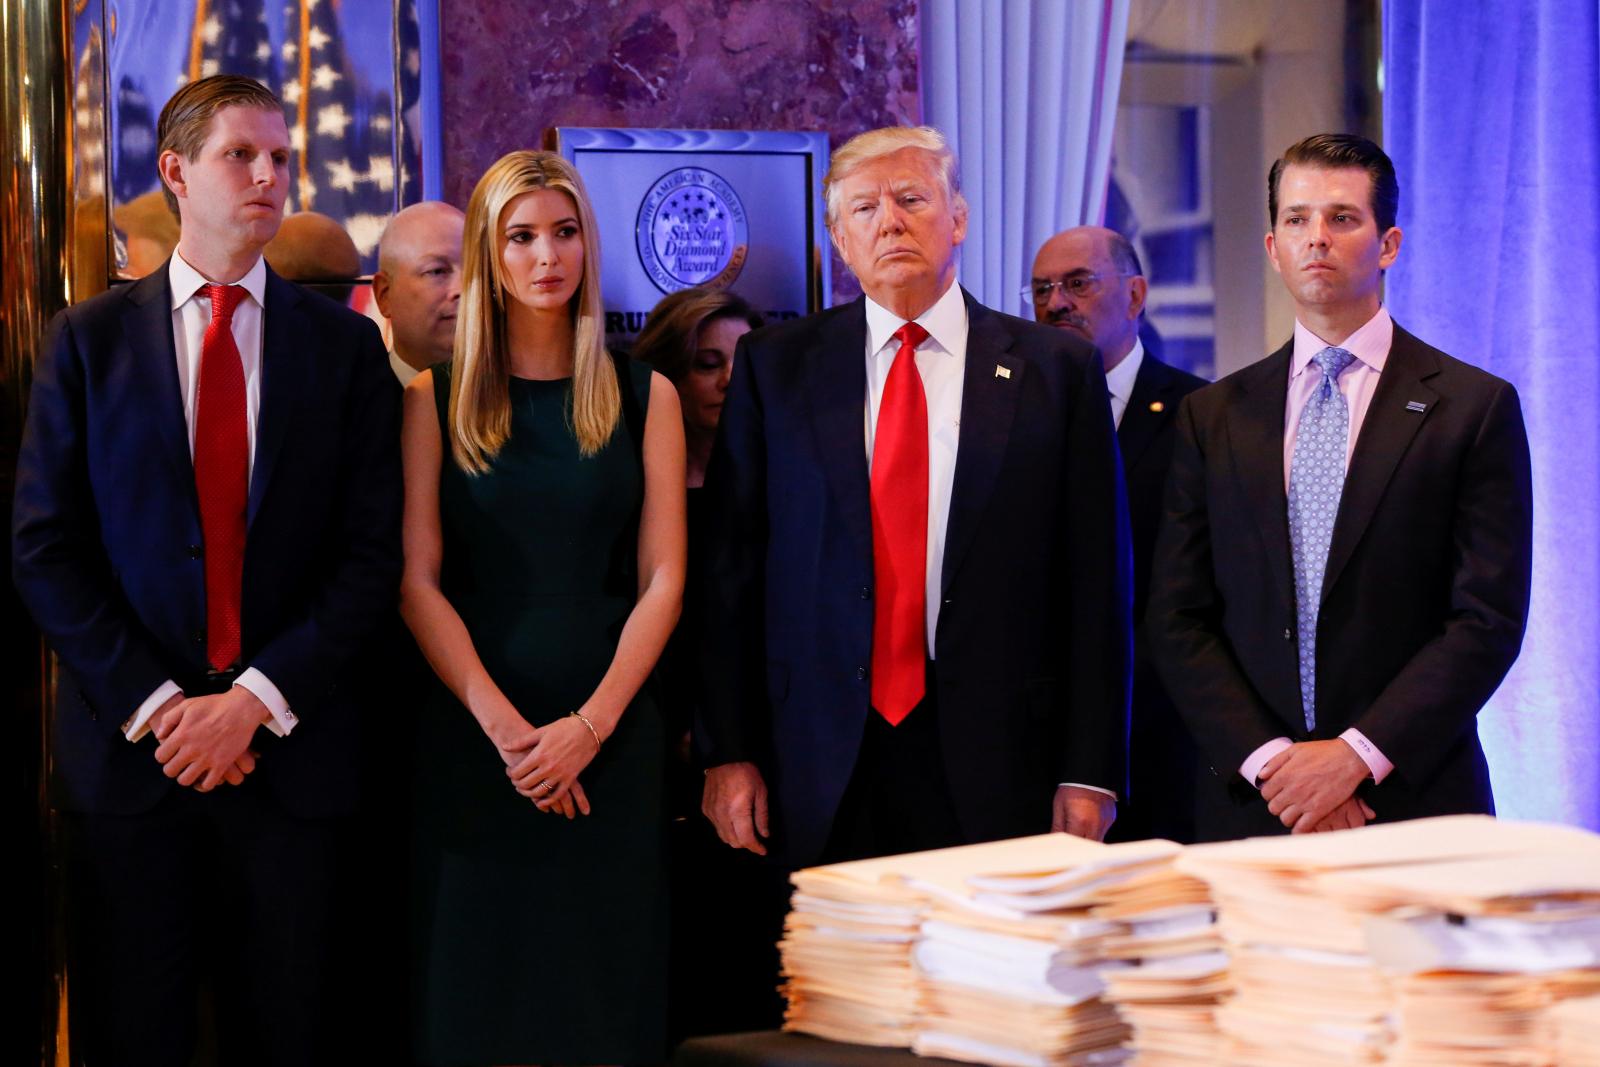 Trump Foundation Accused